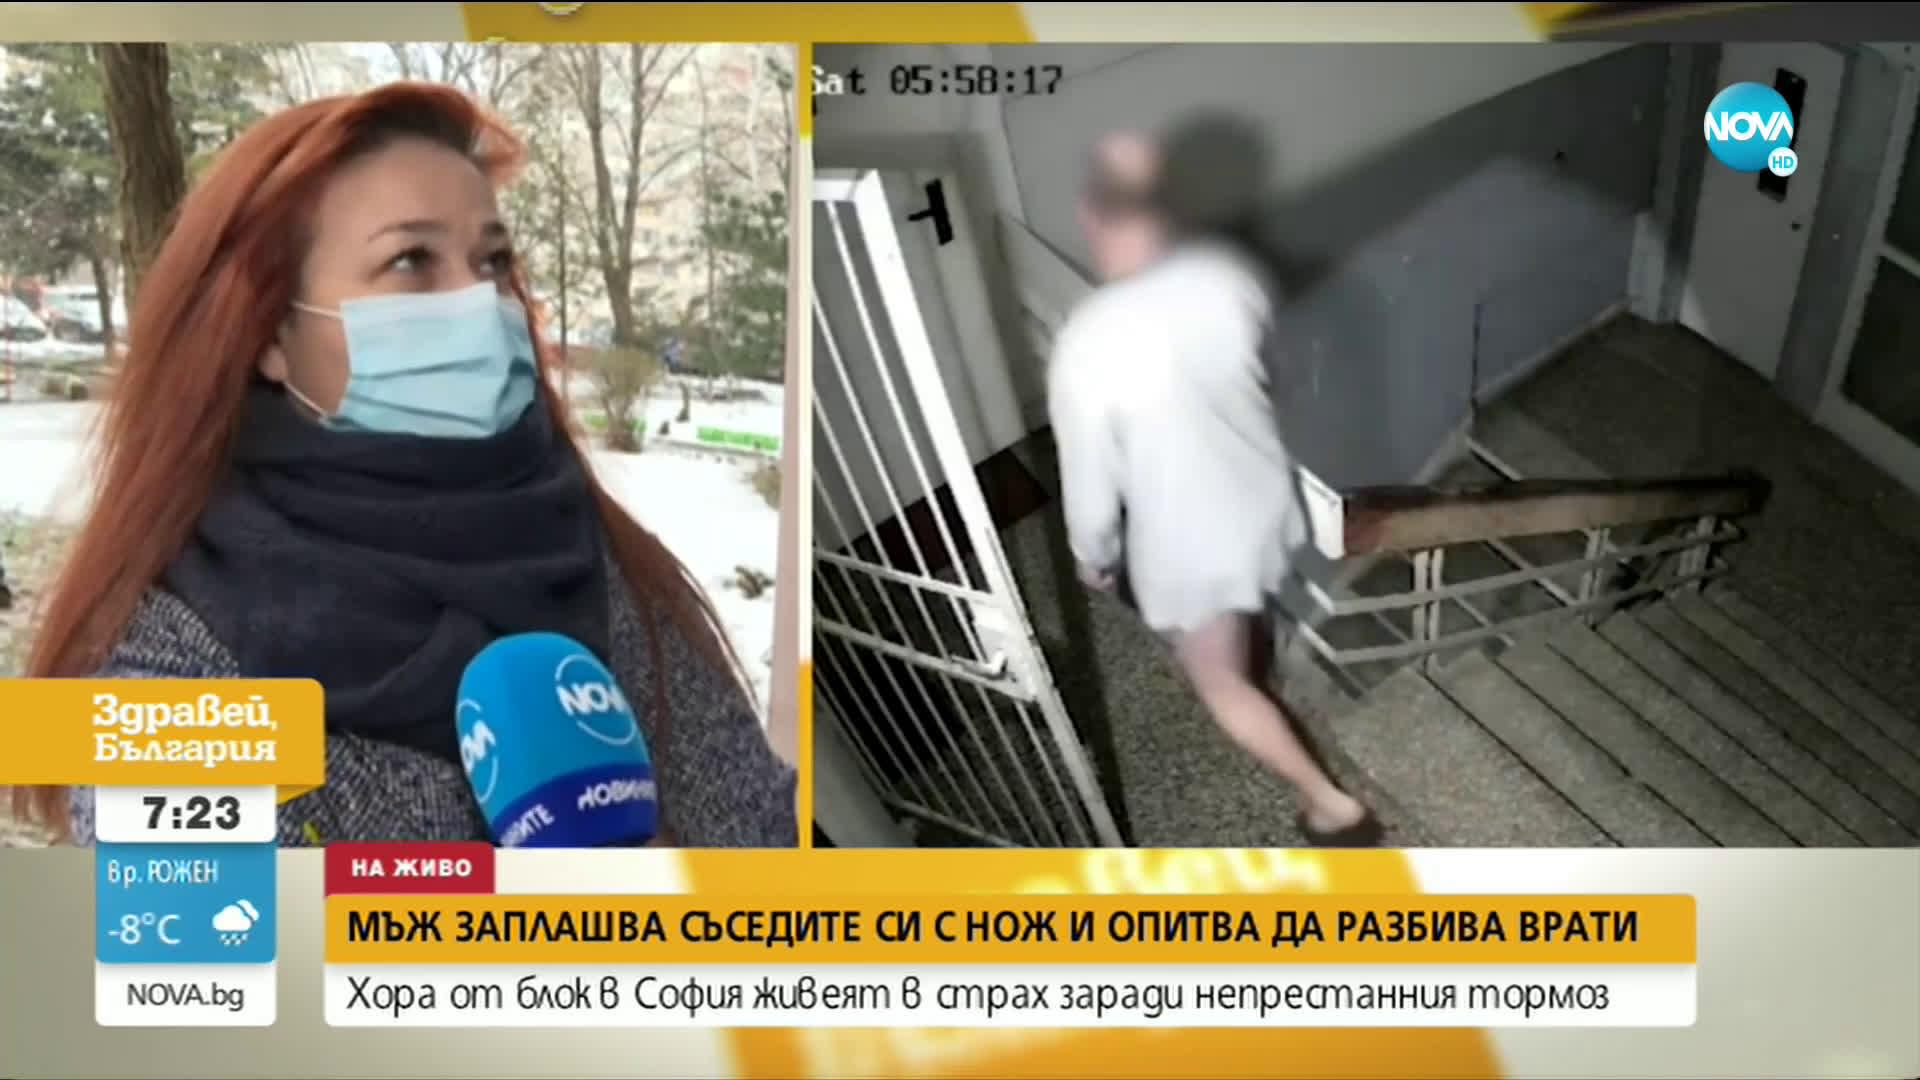 Полугол мъж заплашва с ножове и отвертки съседите си